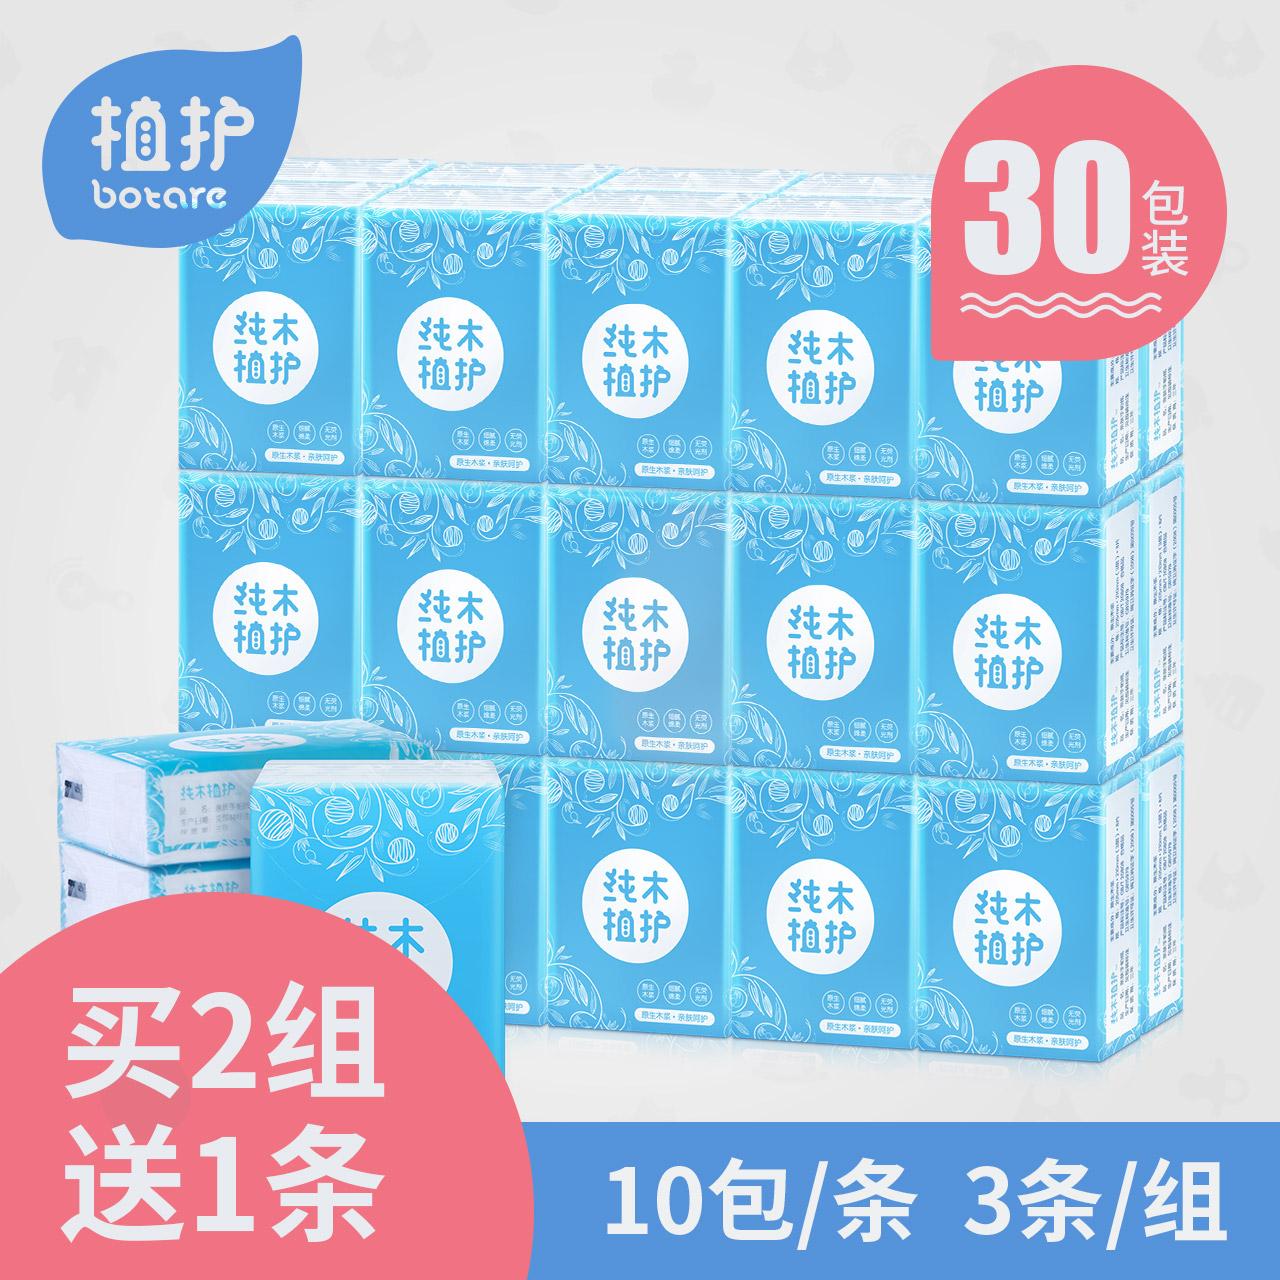 植护手帕纸小包纸巾原生浆餐巾抽纸面巾纸3条30包三层组合便携装